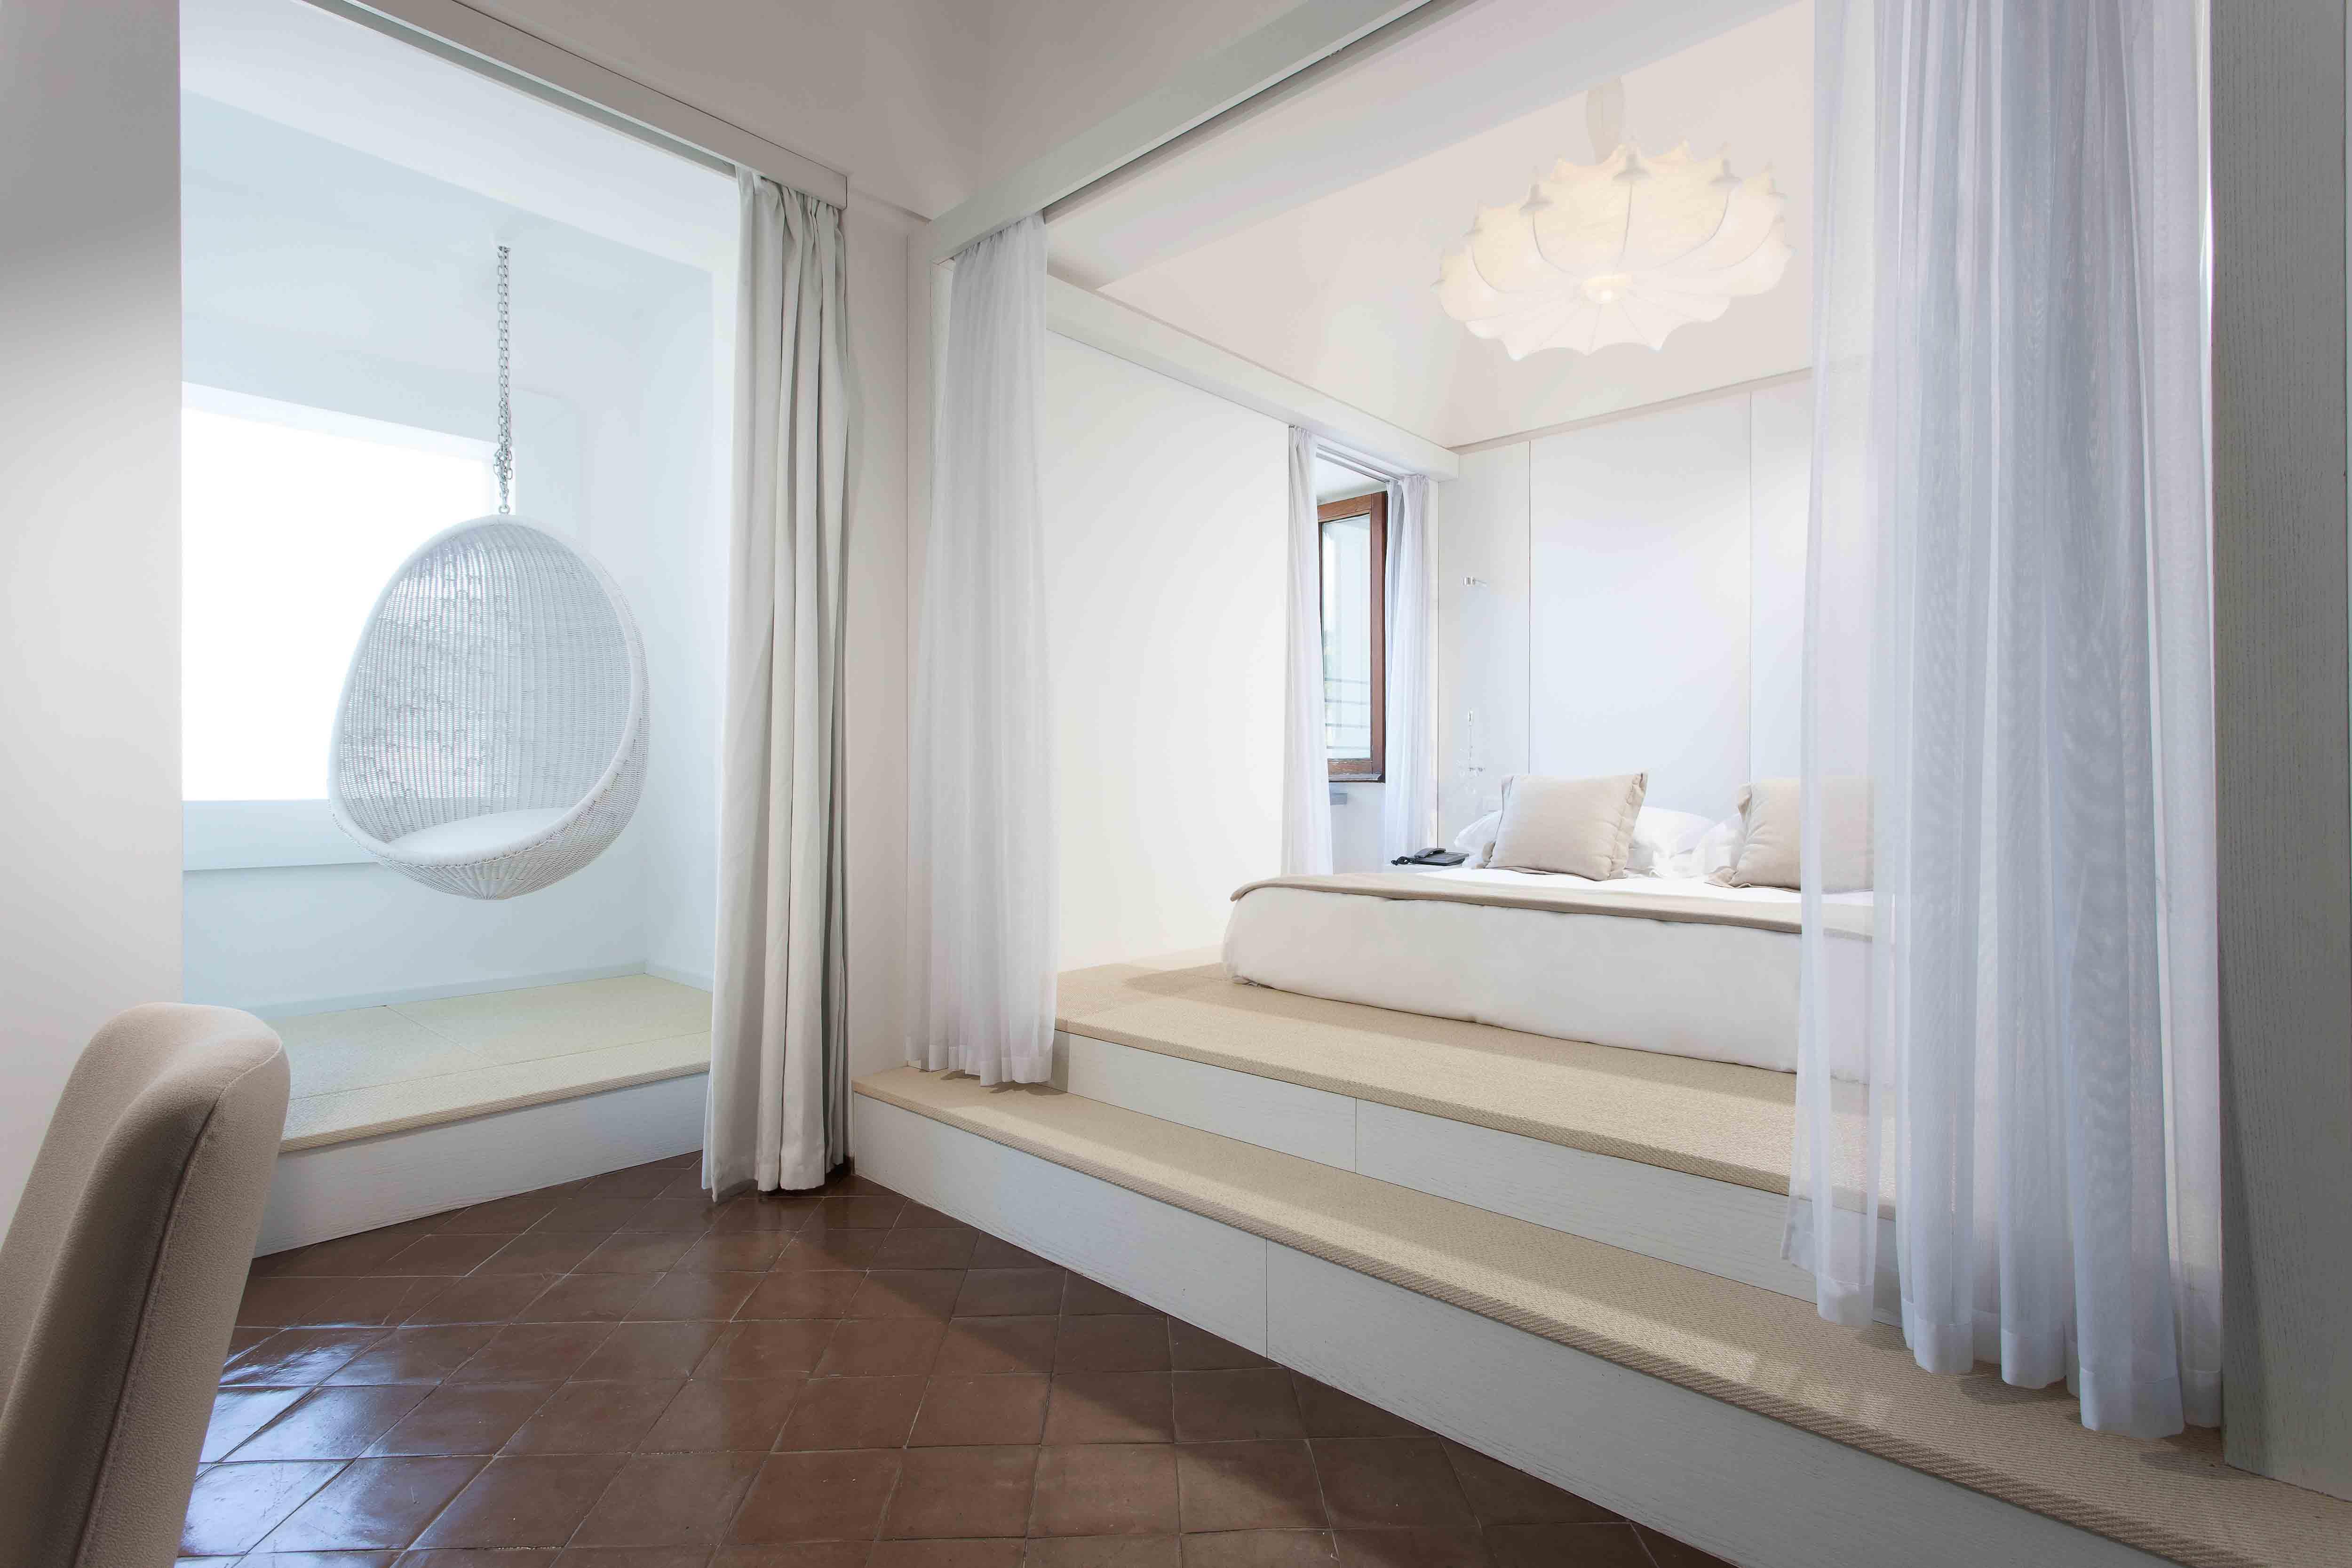 Location uniche, l'NH Collection Grand Hotel Convento di Amalfi